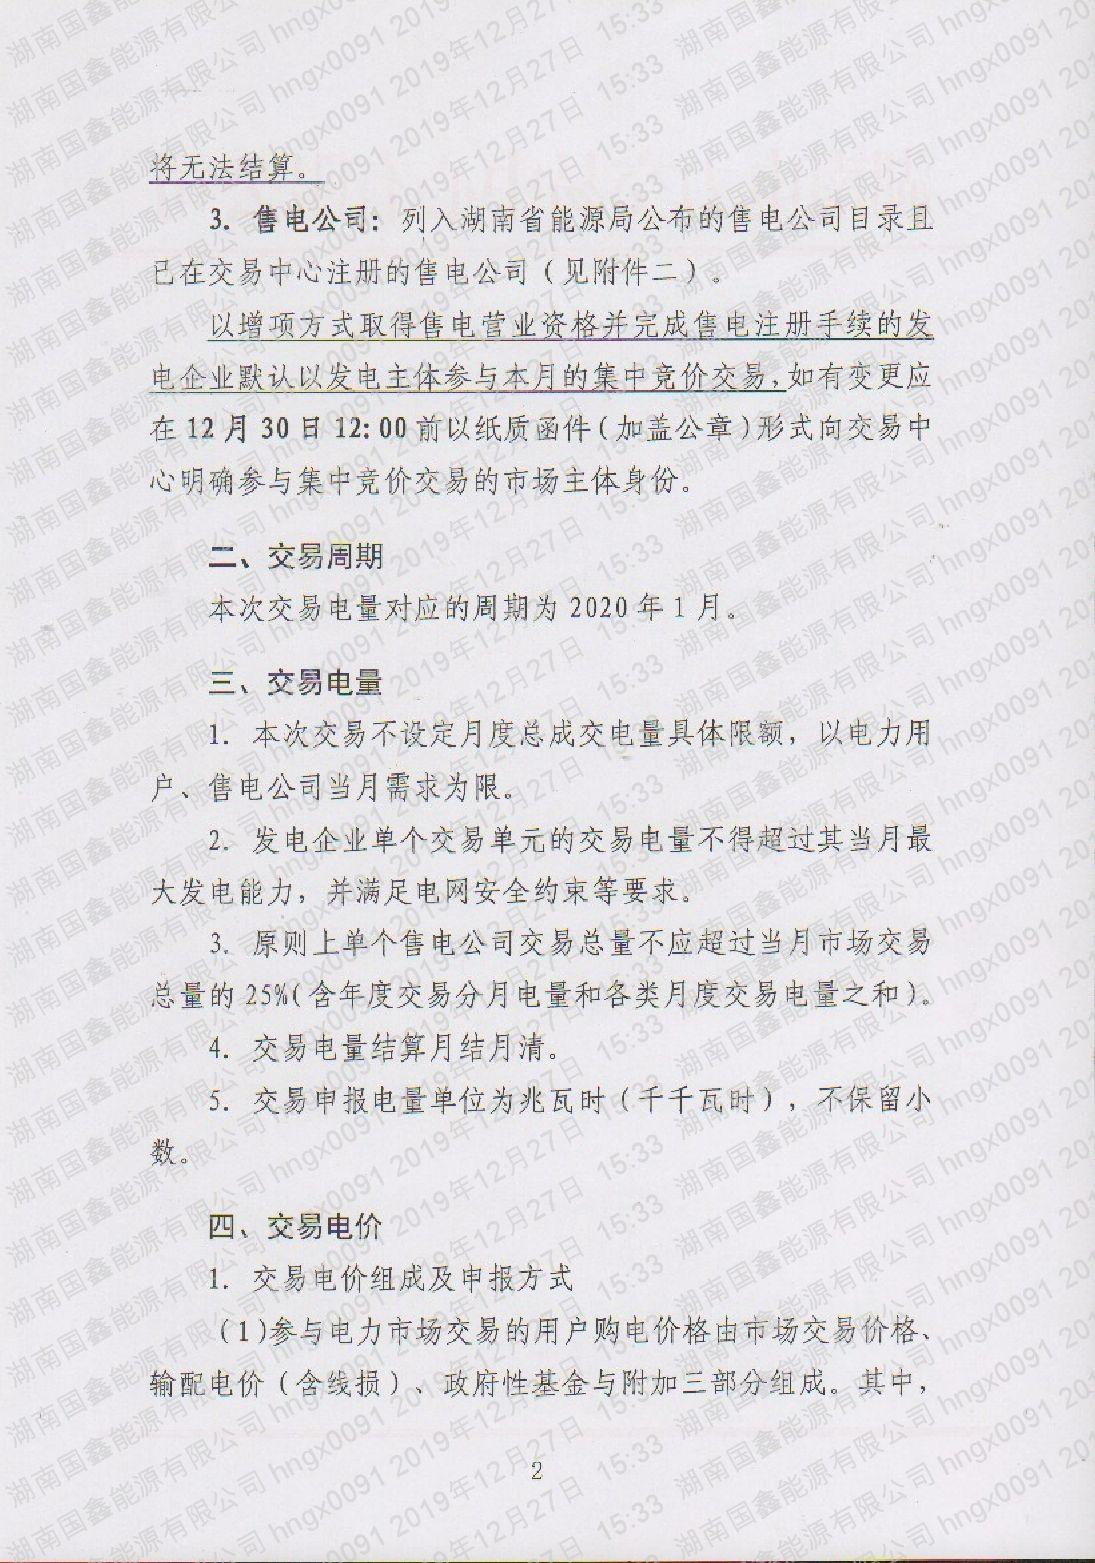 2020年第2號交易公告(1月月度交易).pdf_page_2_compressed.jpg